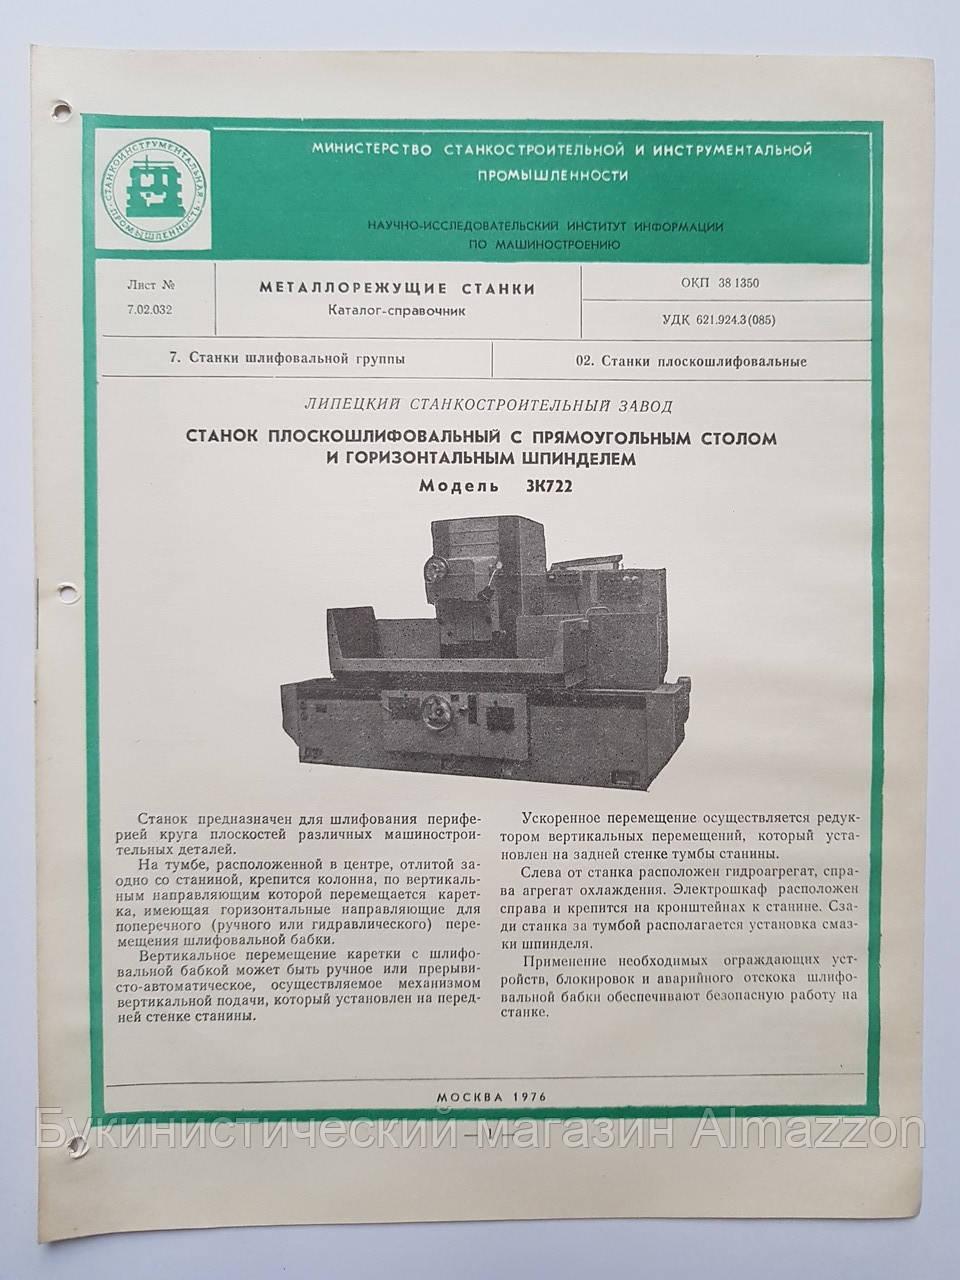 Журнал (Бюллетень) Станок плоскошлифовальный с прямоугольным столом и горизонтальным шпинделем ЗК722  7.02.032